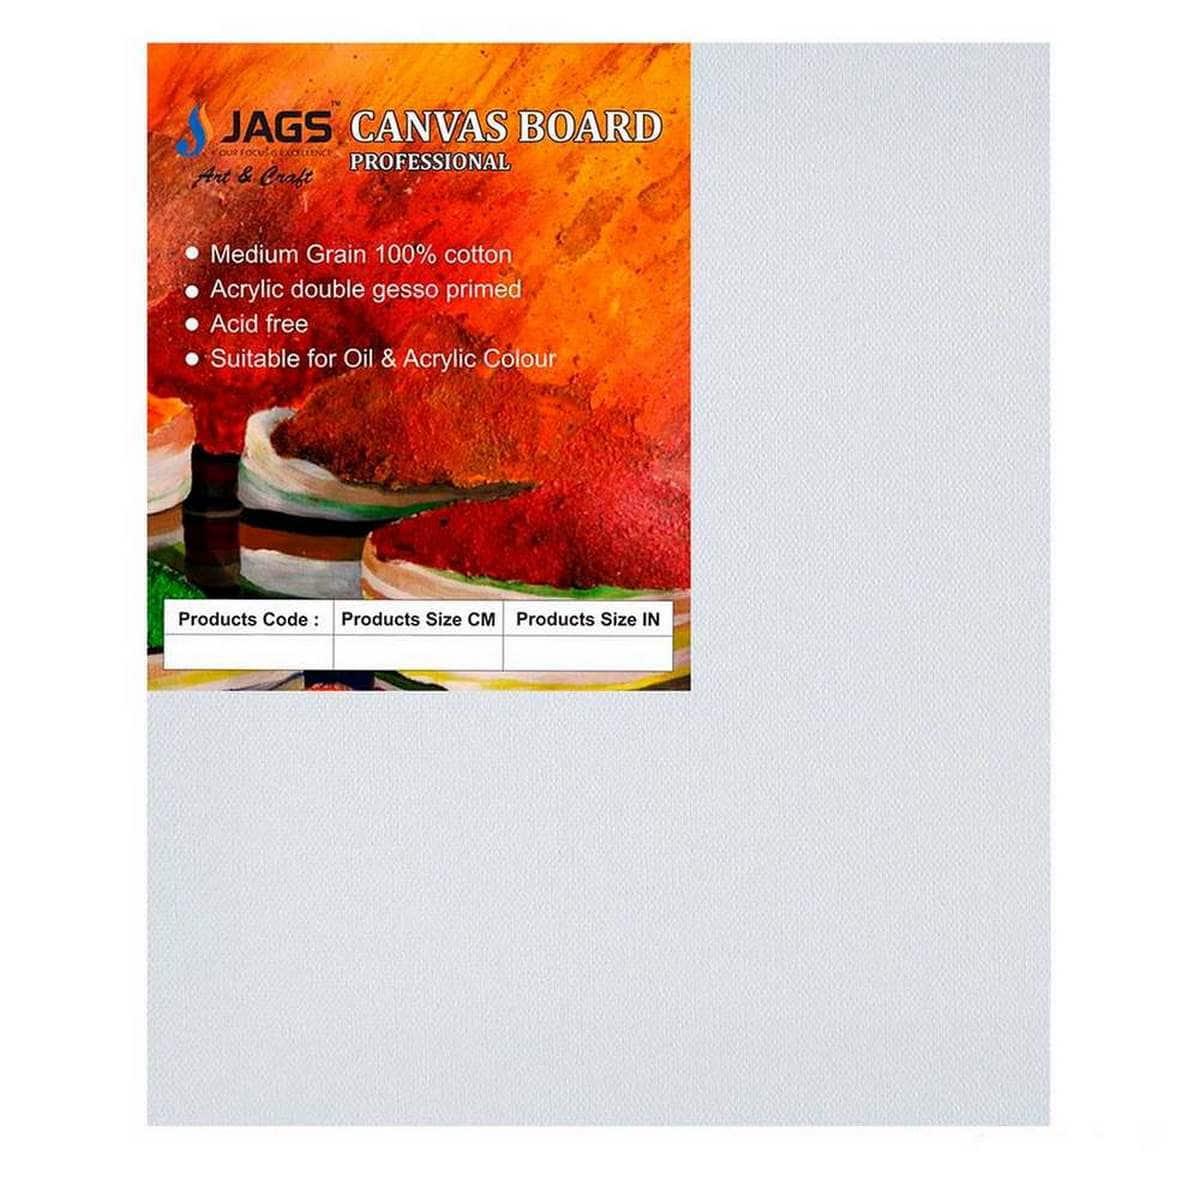 MDF White Canvas Board Size: 35.56x45.72 cm (14X18 Inches)